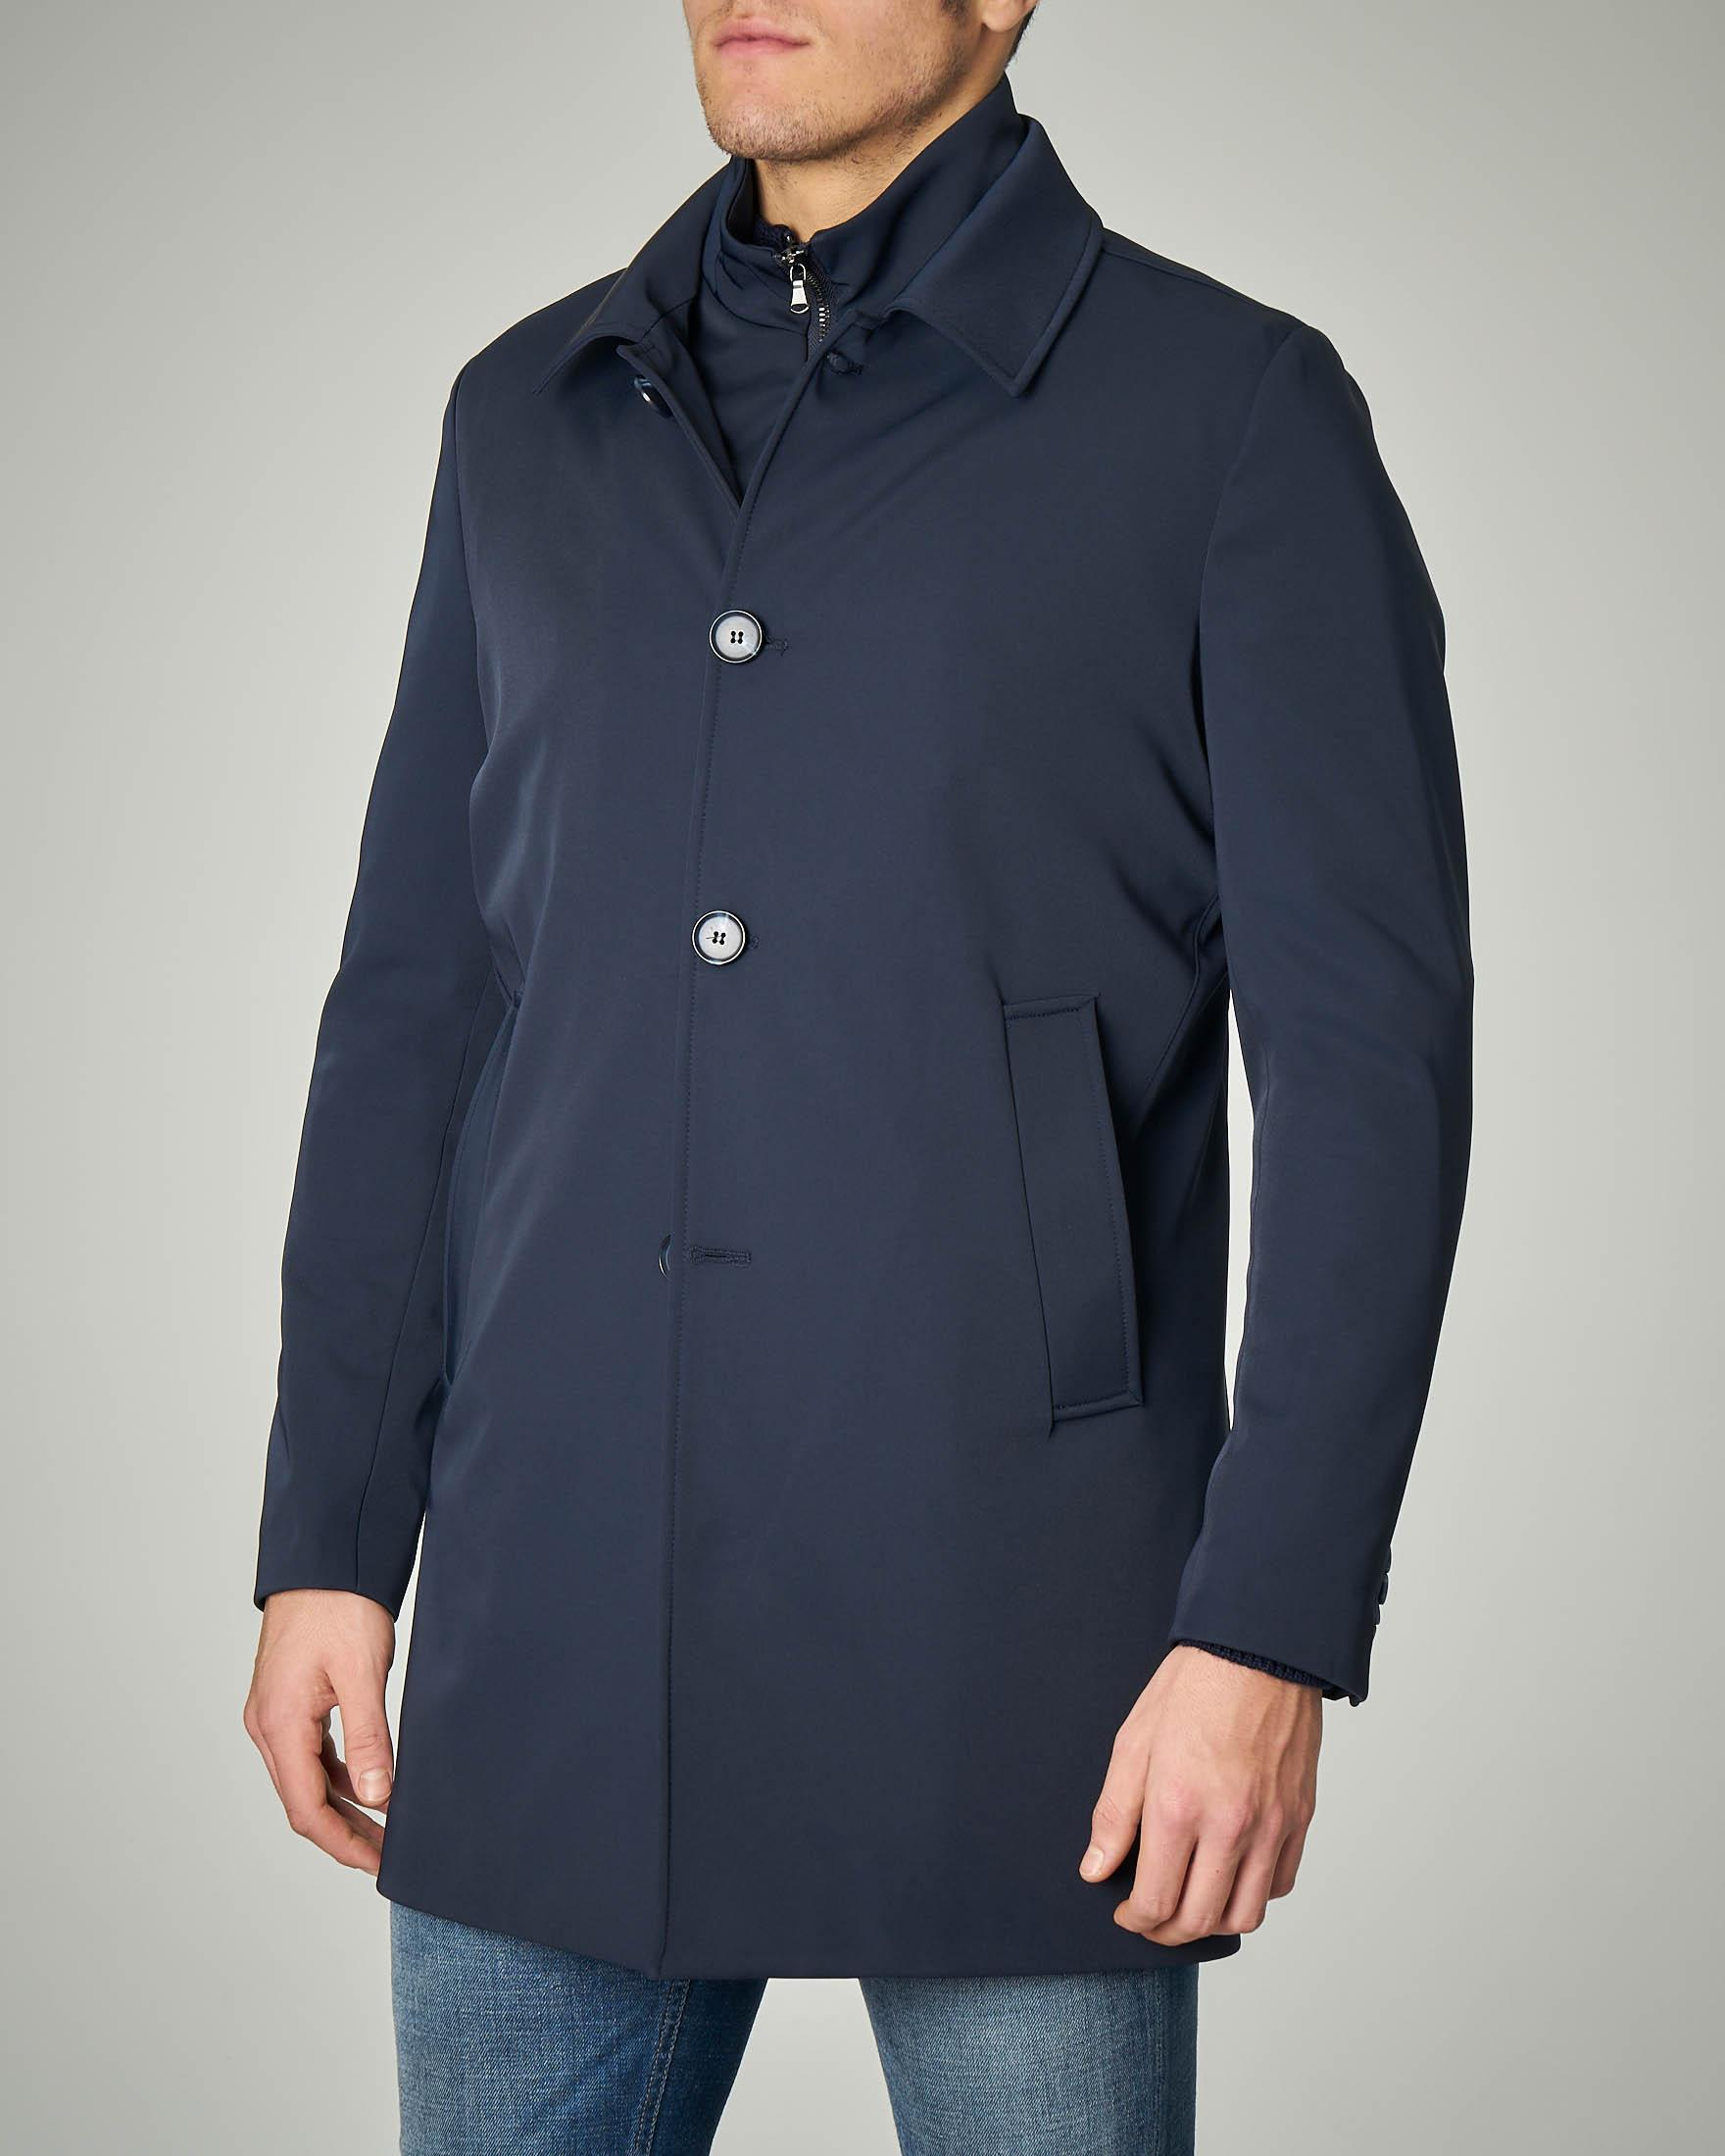 Cappotto impermeabile blu con chiusura a bottoni e davantino